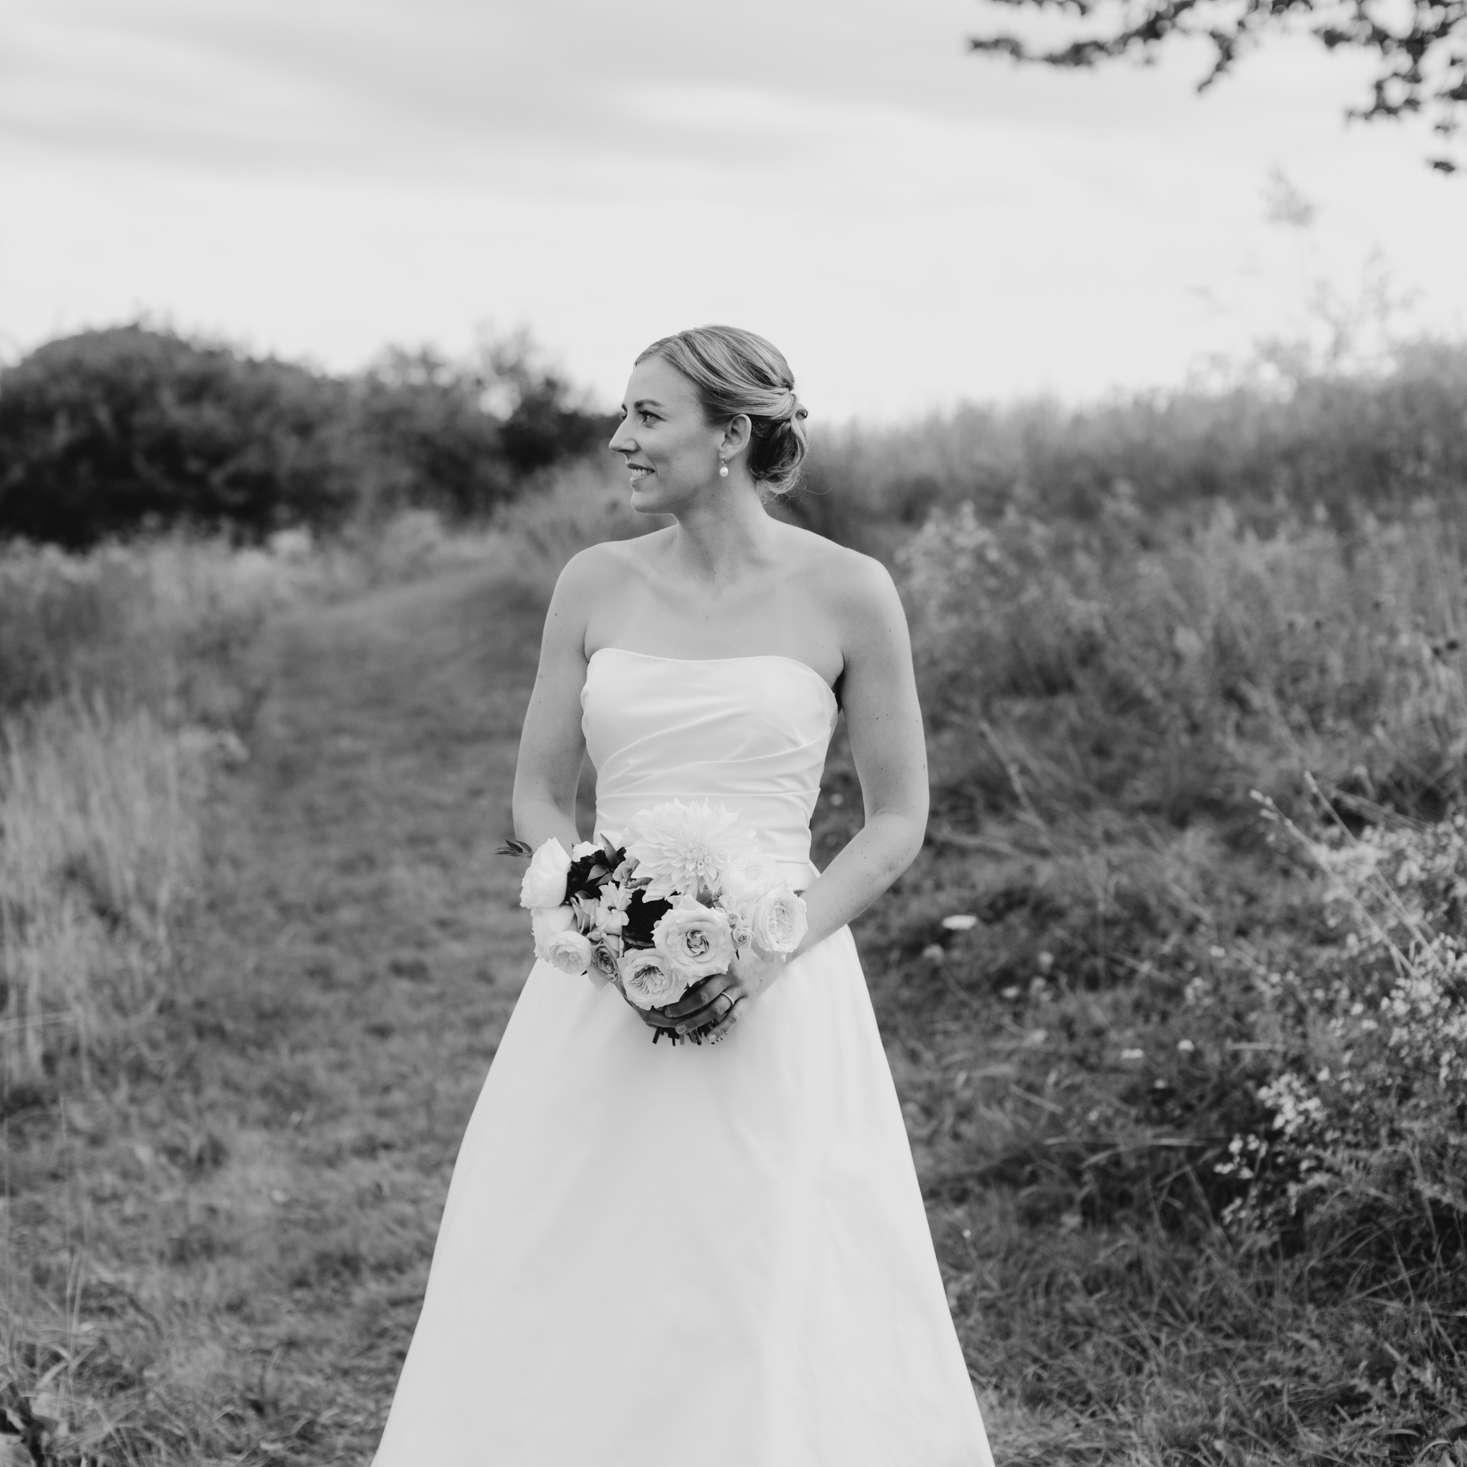 Bride in Amsale wedding gown